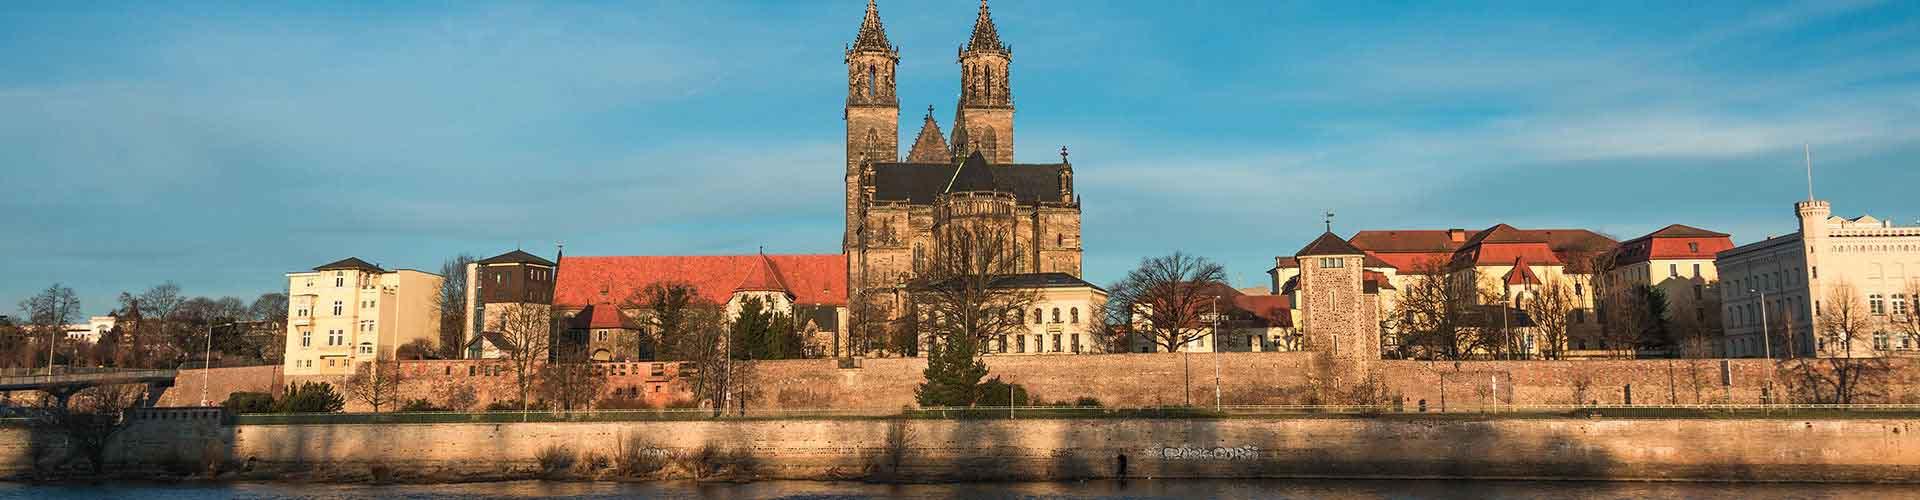 Magdeburgo - Campamentos en Magdeburgo. Mapas de Magdeburgo, Fotos y comentarios de cada Campamento en Magdeburgo.